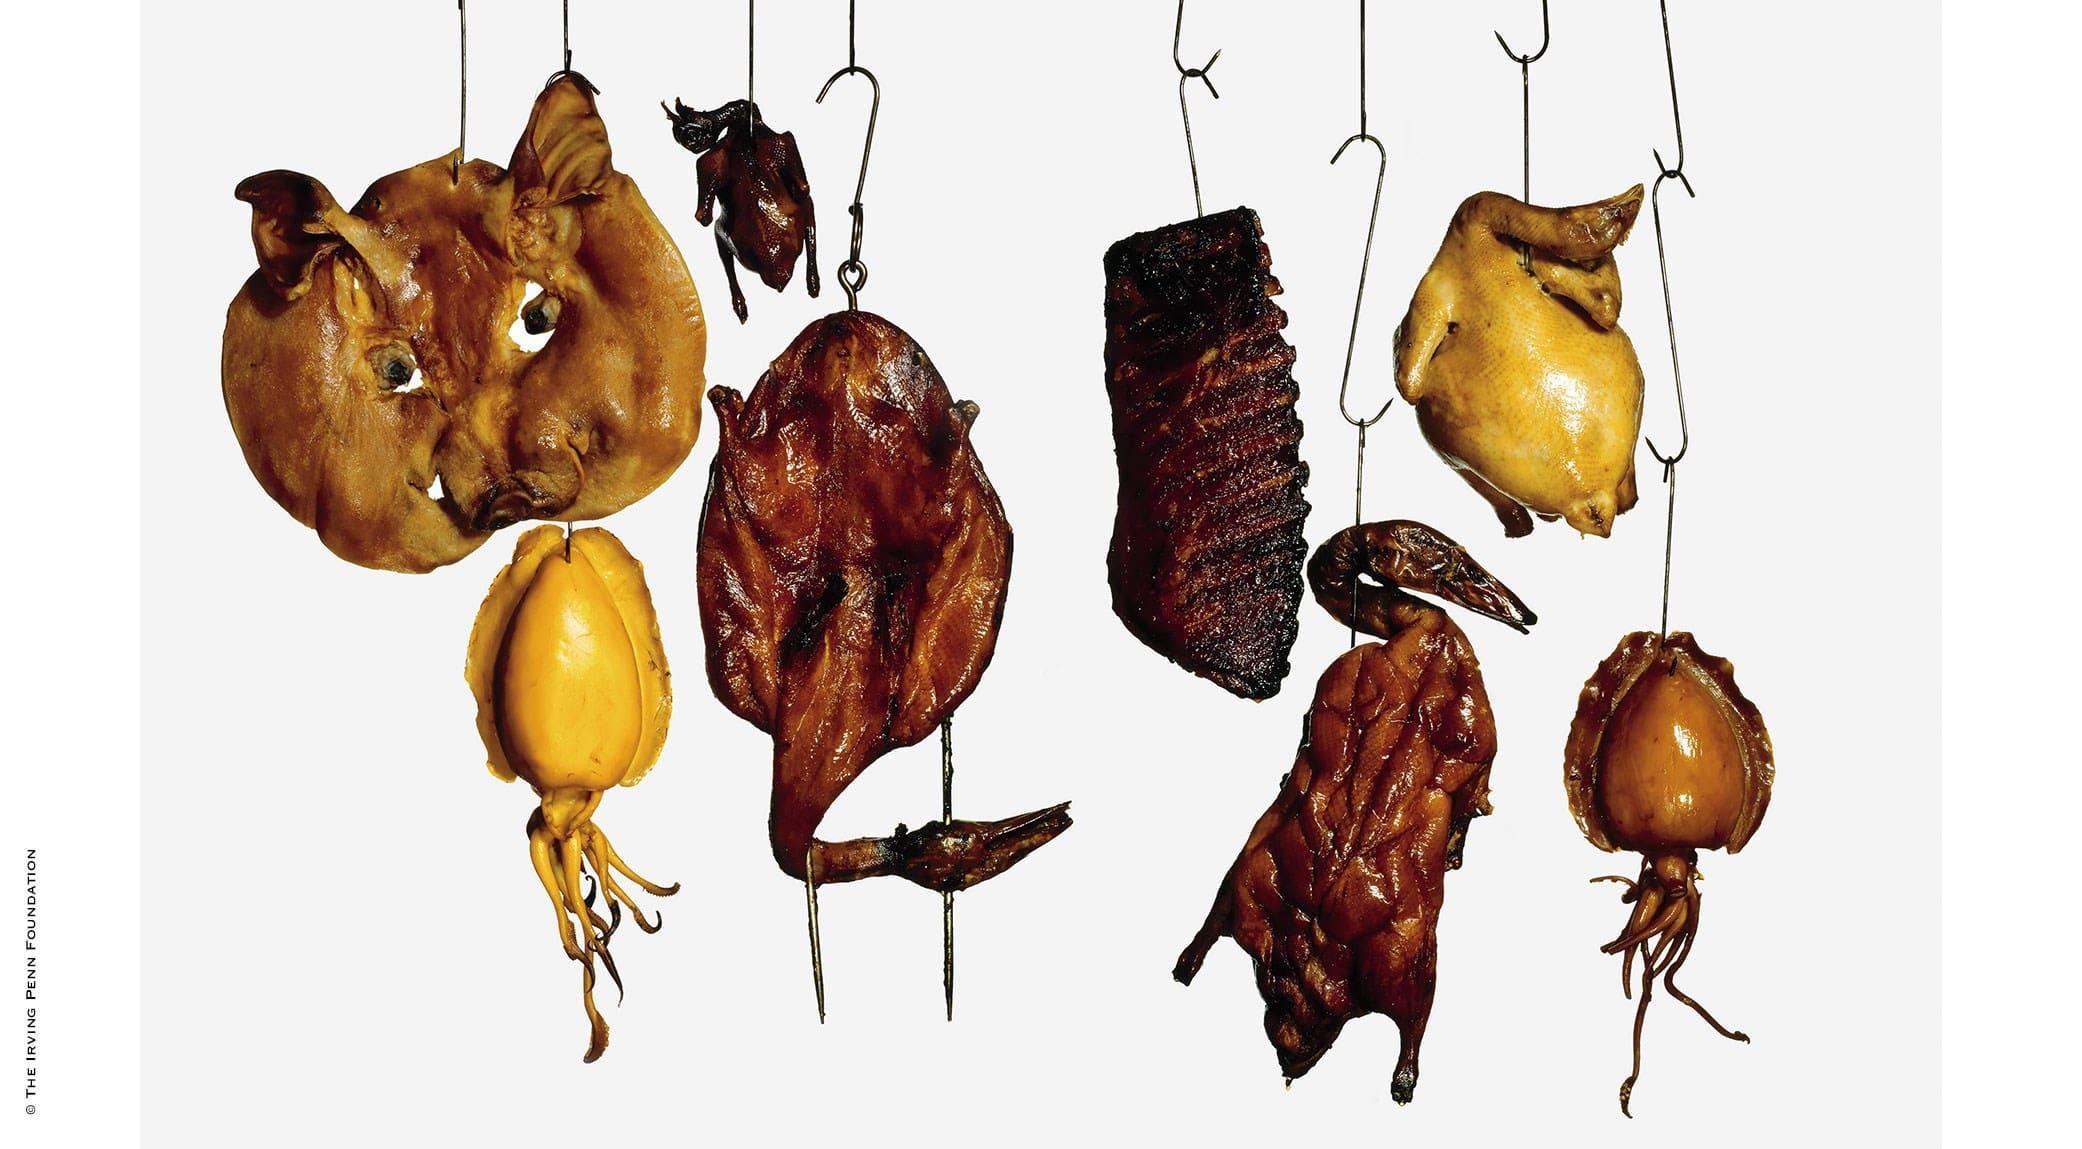 original_04-Food-in-Vogue.jpg